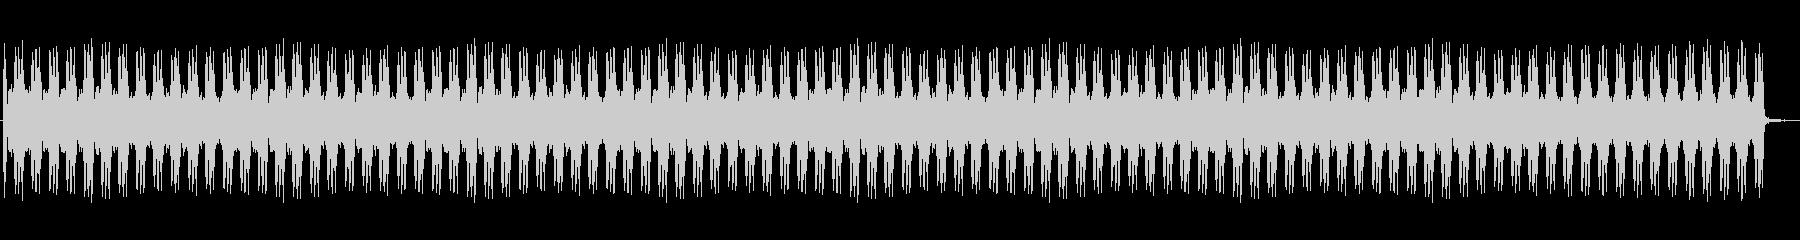 パトカー:内線:Yelpサイレン、...の未再生の波形